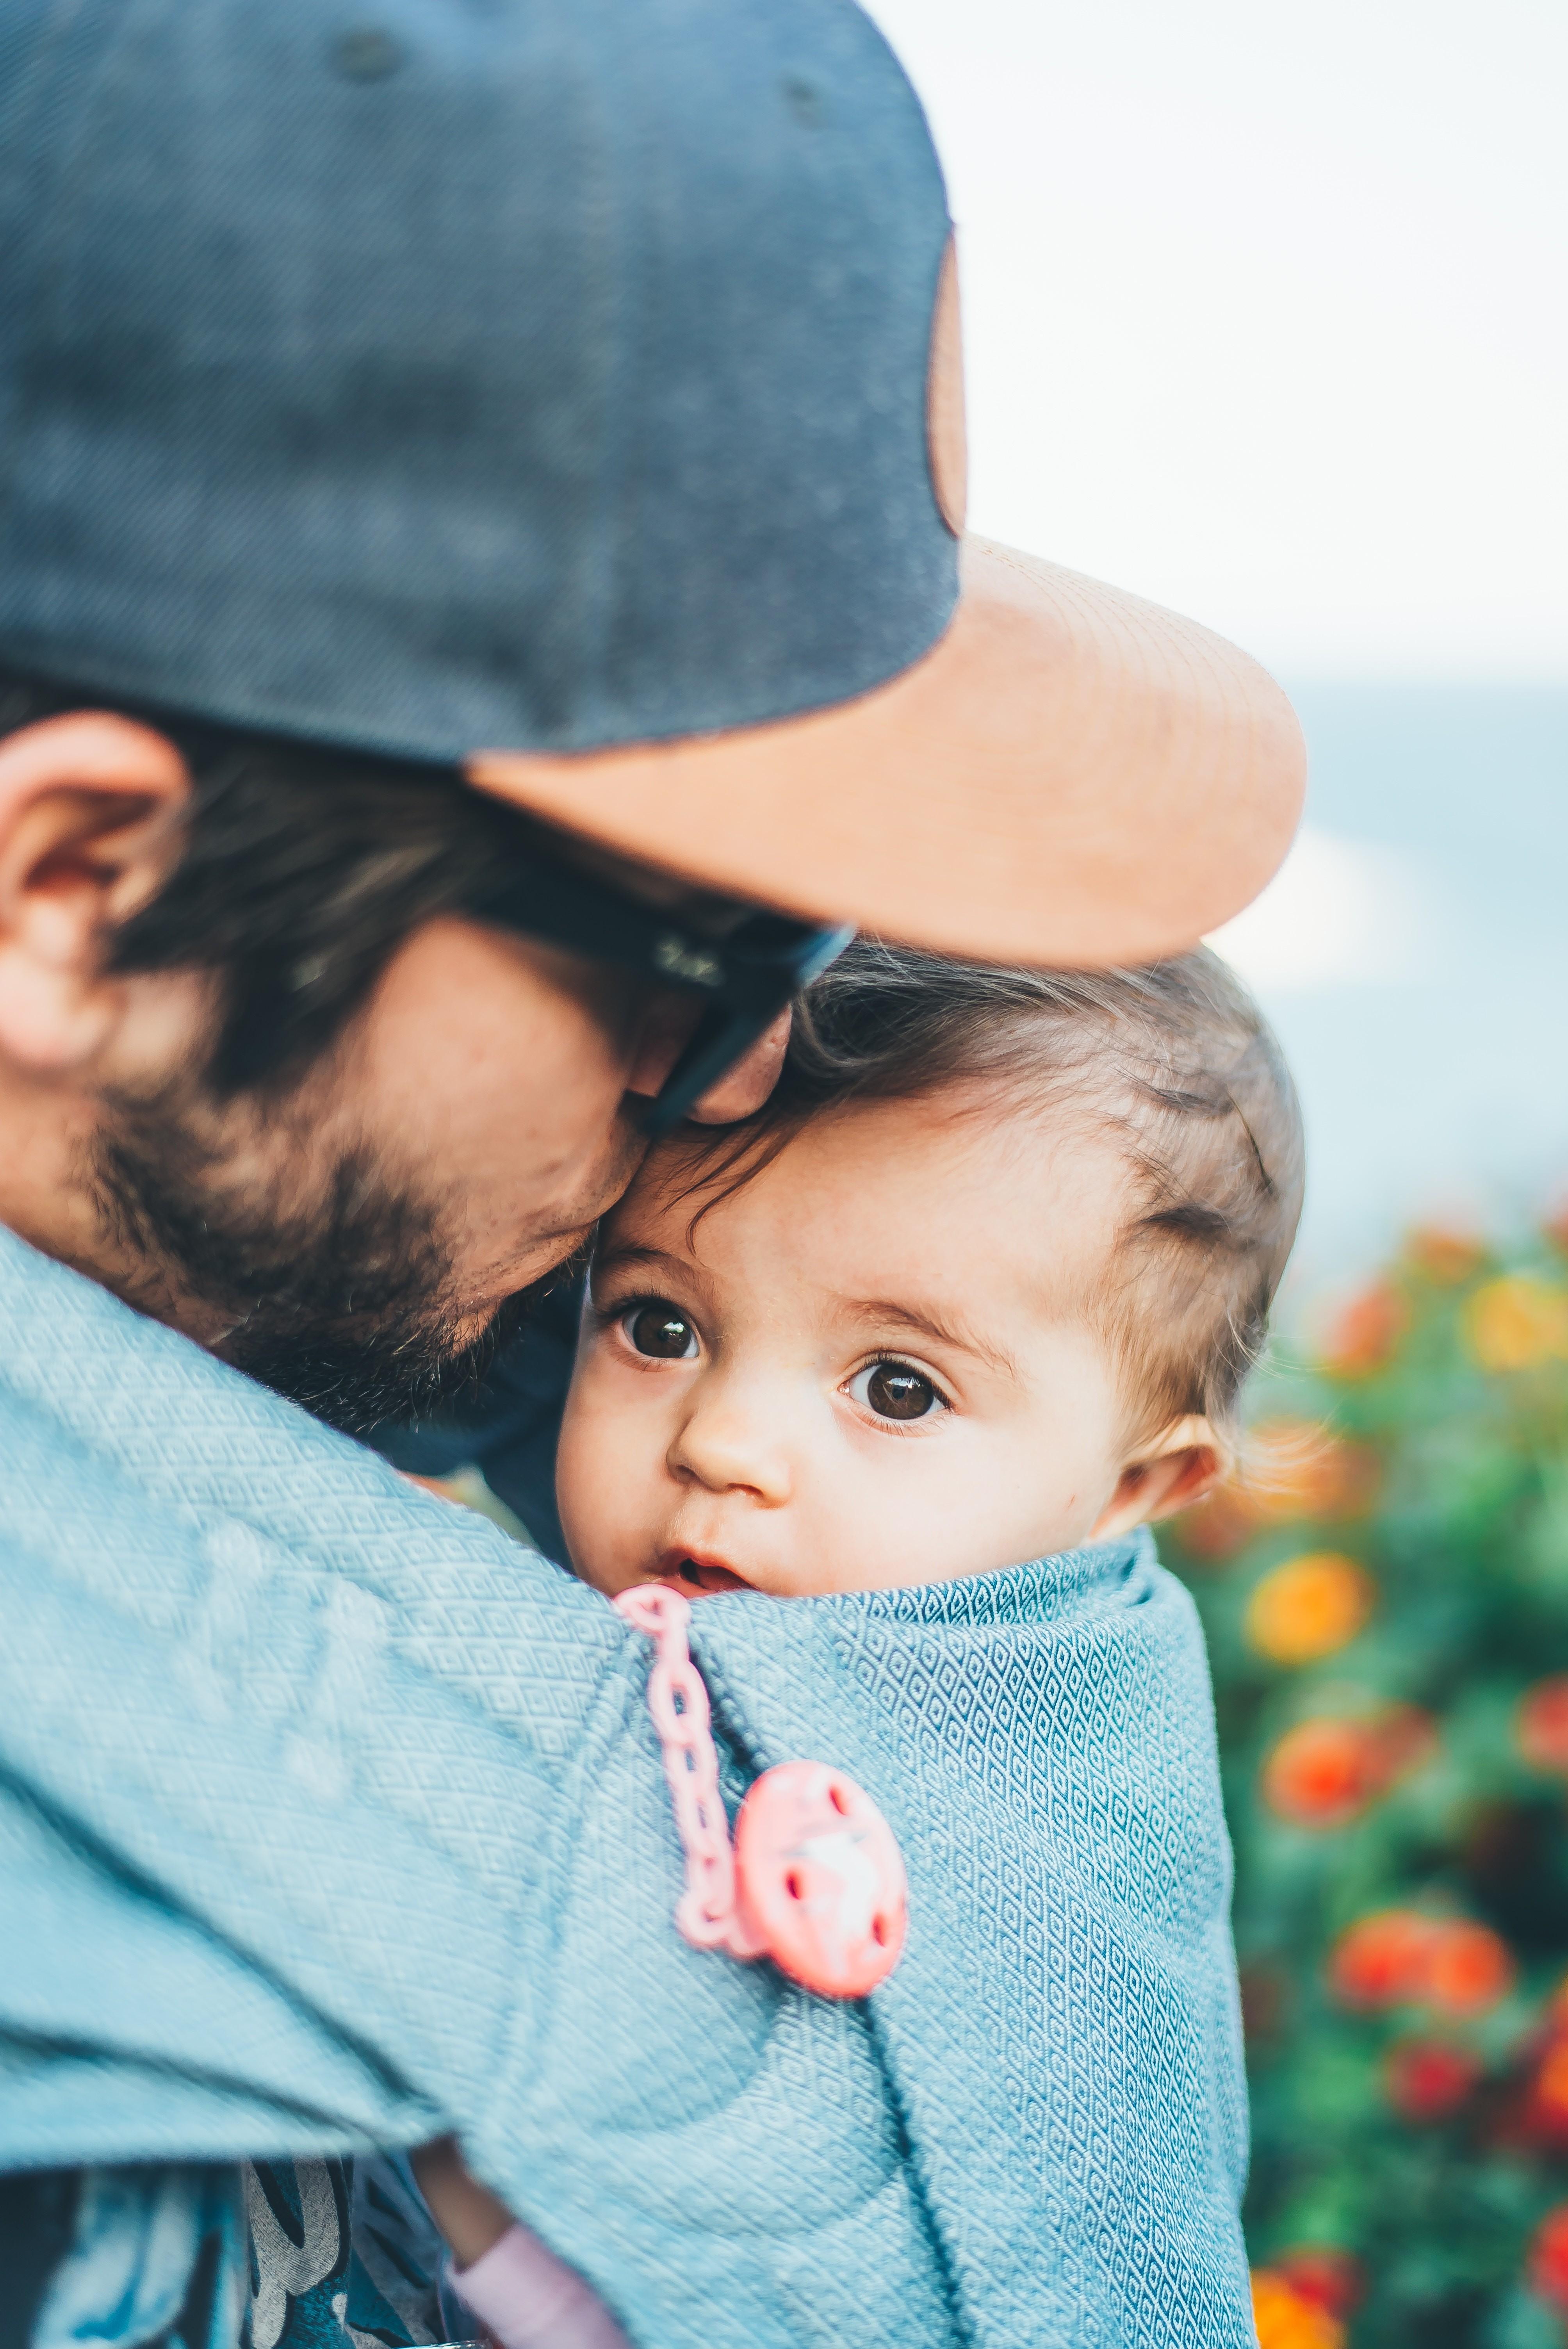 Vater trägt sein Kind